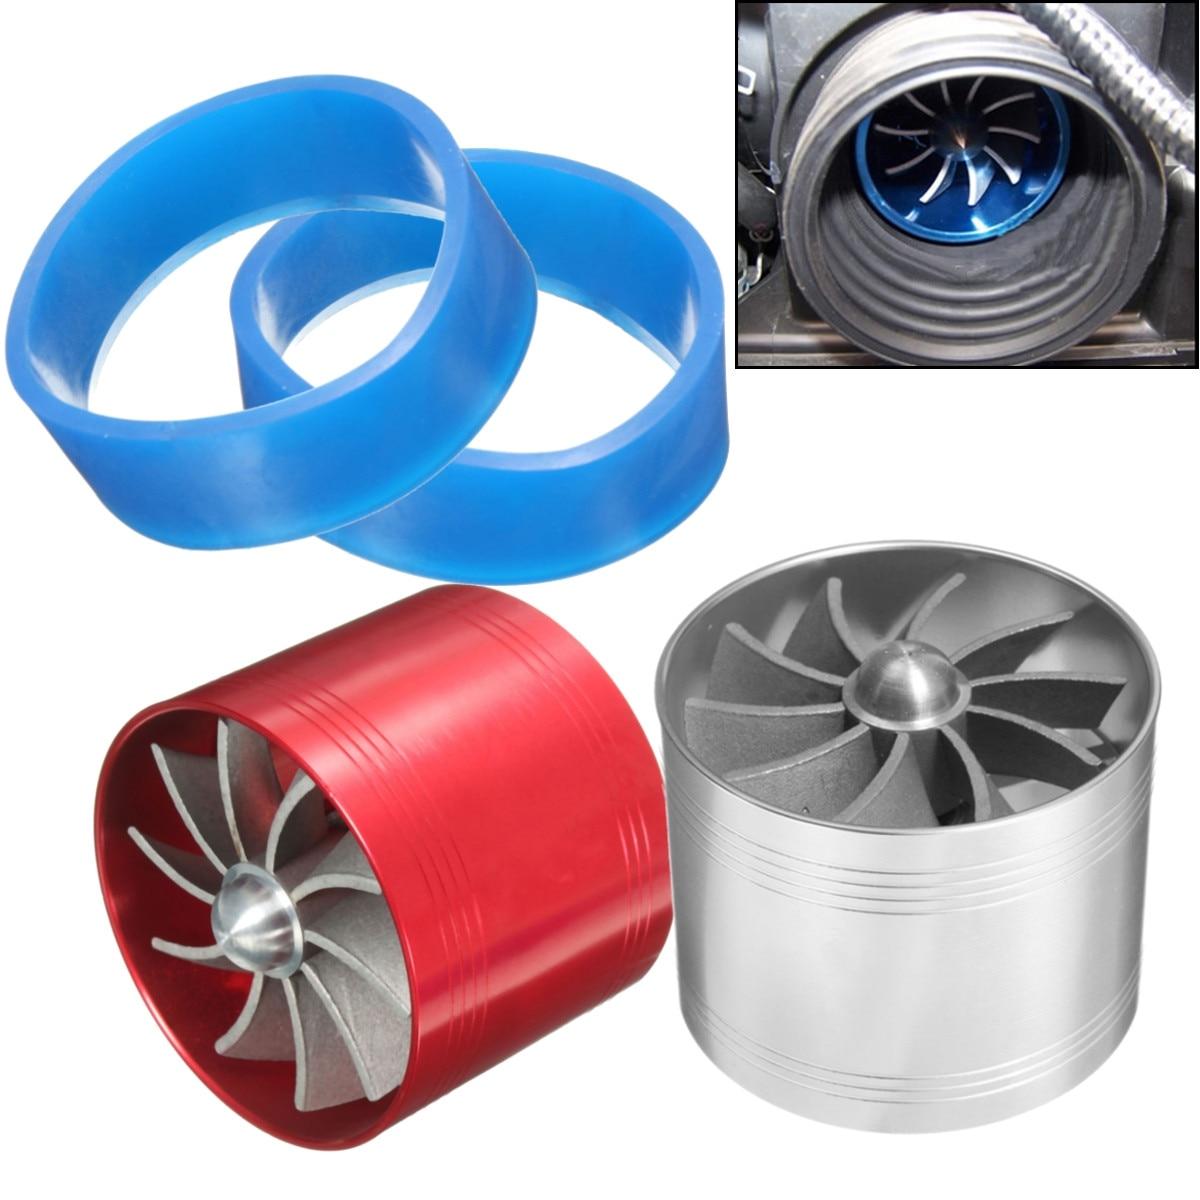 Novo universal de combustível do carro poupança de gás supercharger para turbina turbo carregador turbo filtro de ar ventilador entrada poupança de combustível aumento